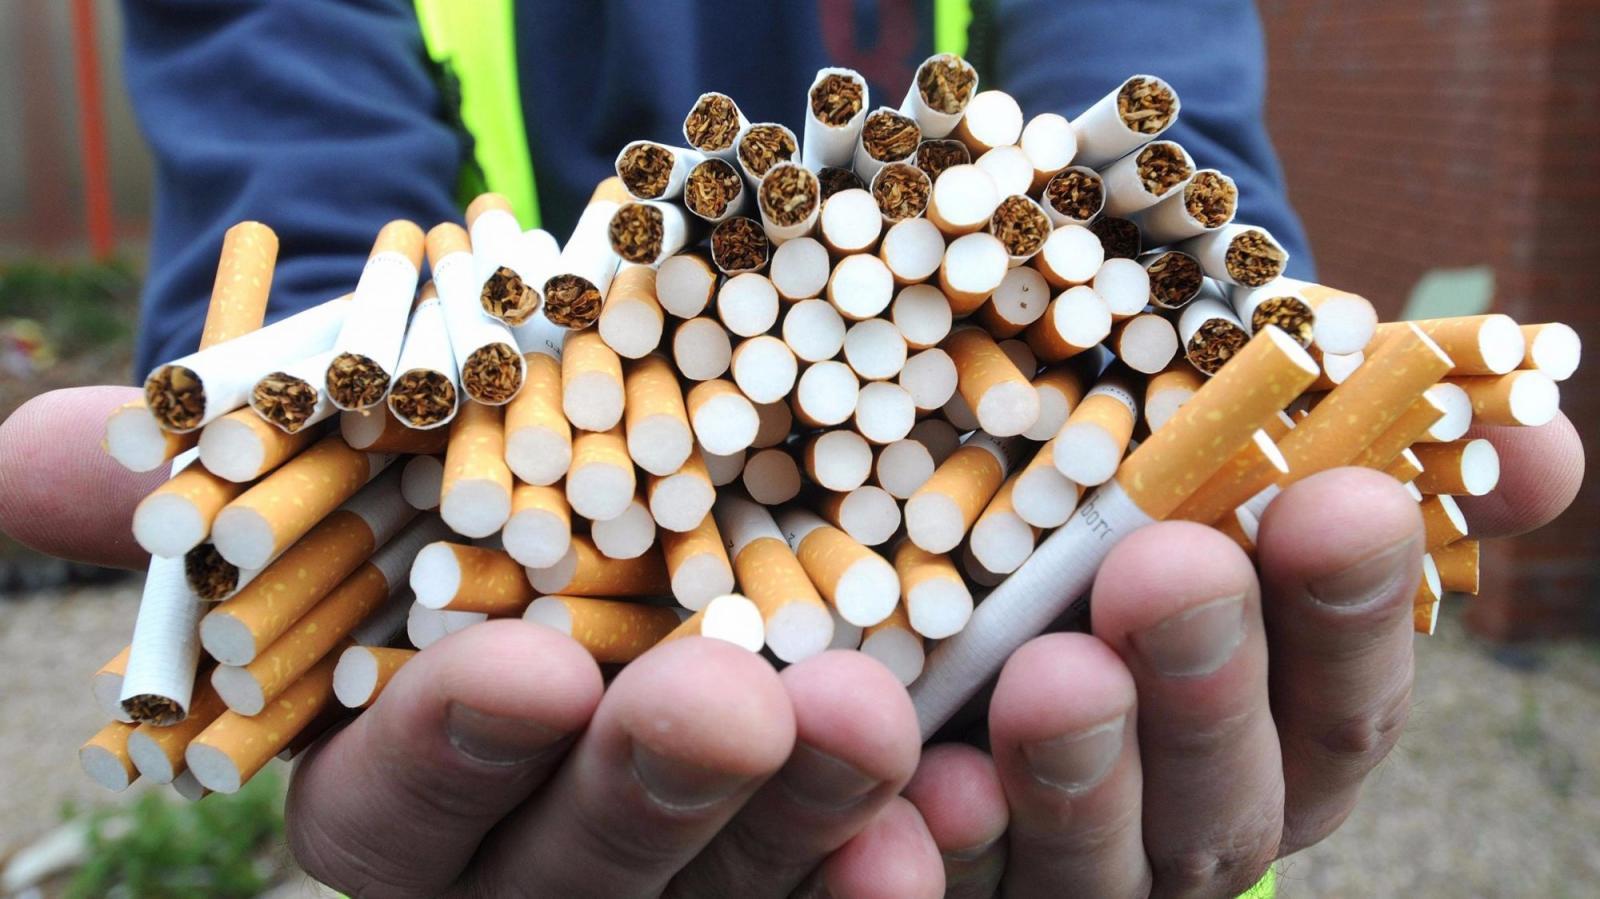 Брянские полицейские пресекли продажу поддельных сигарет